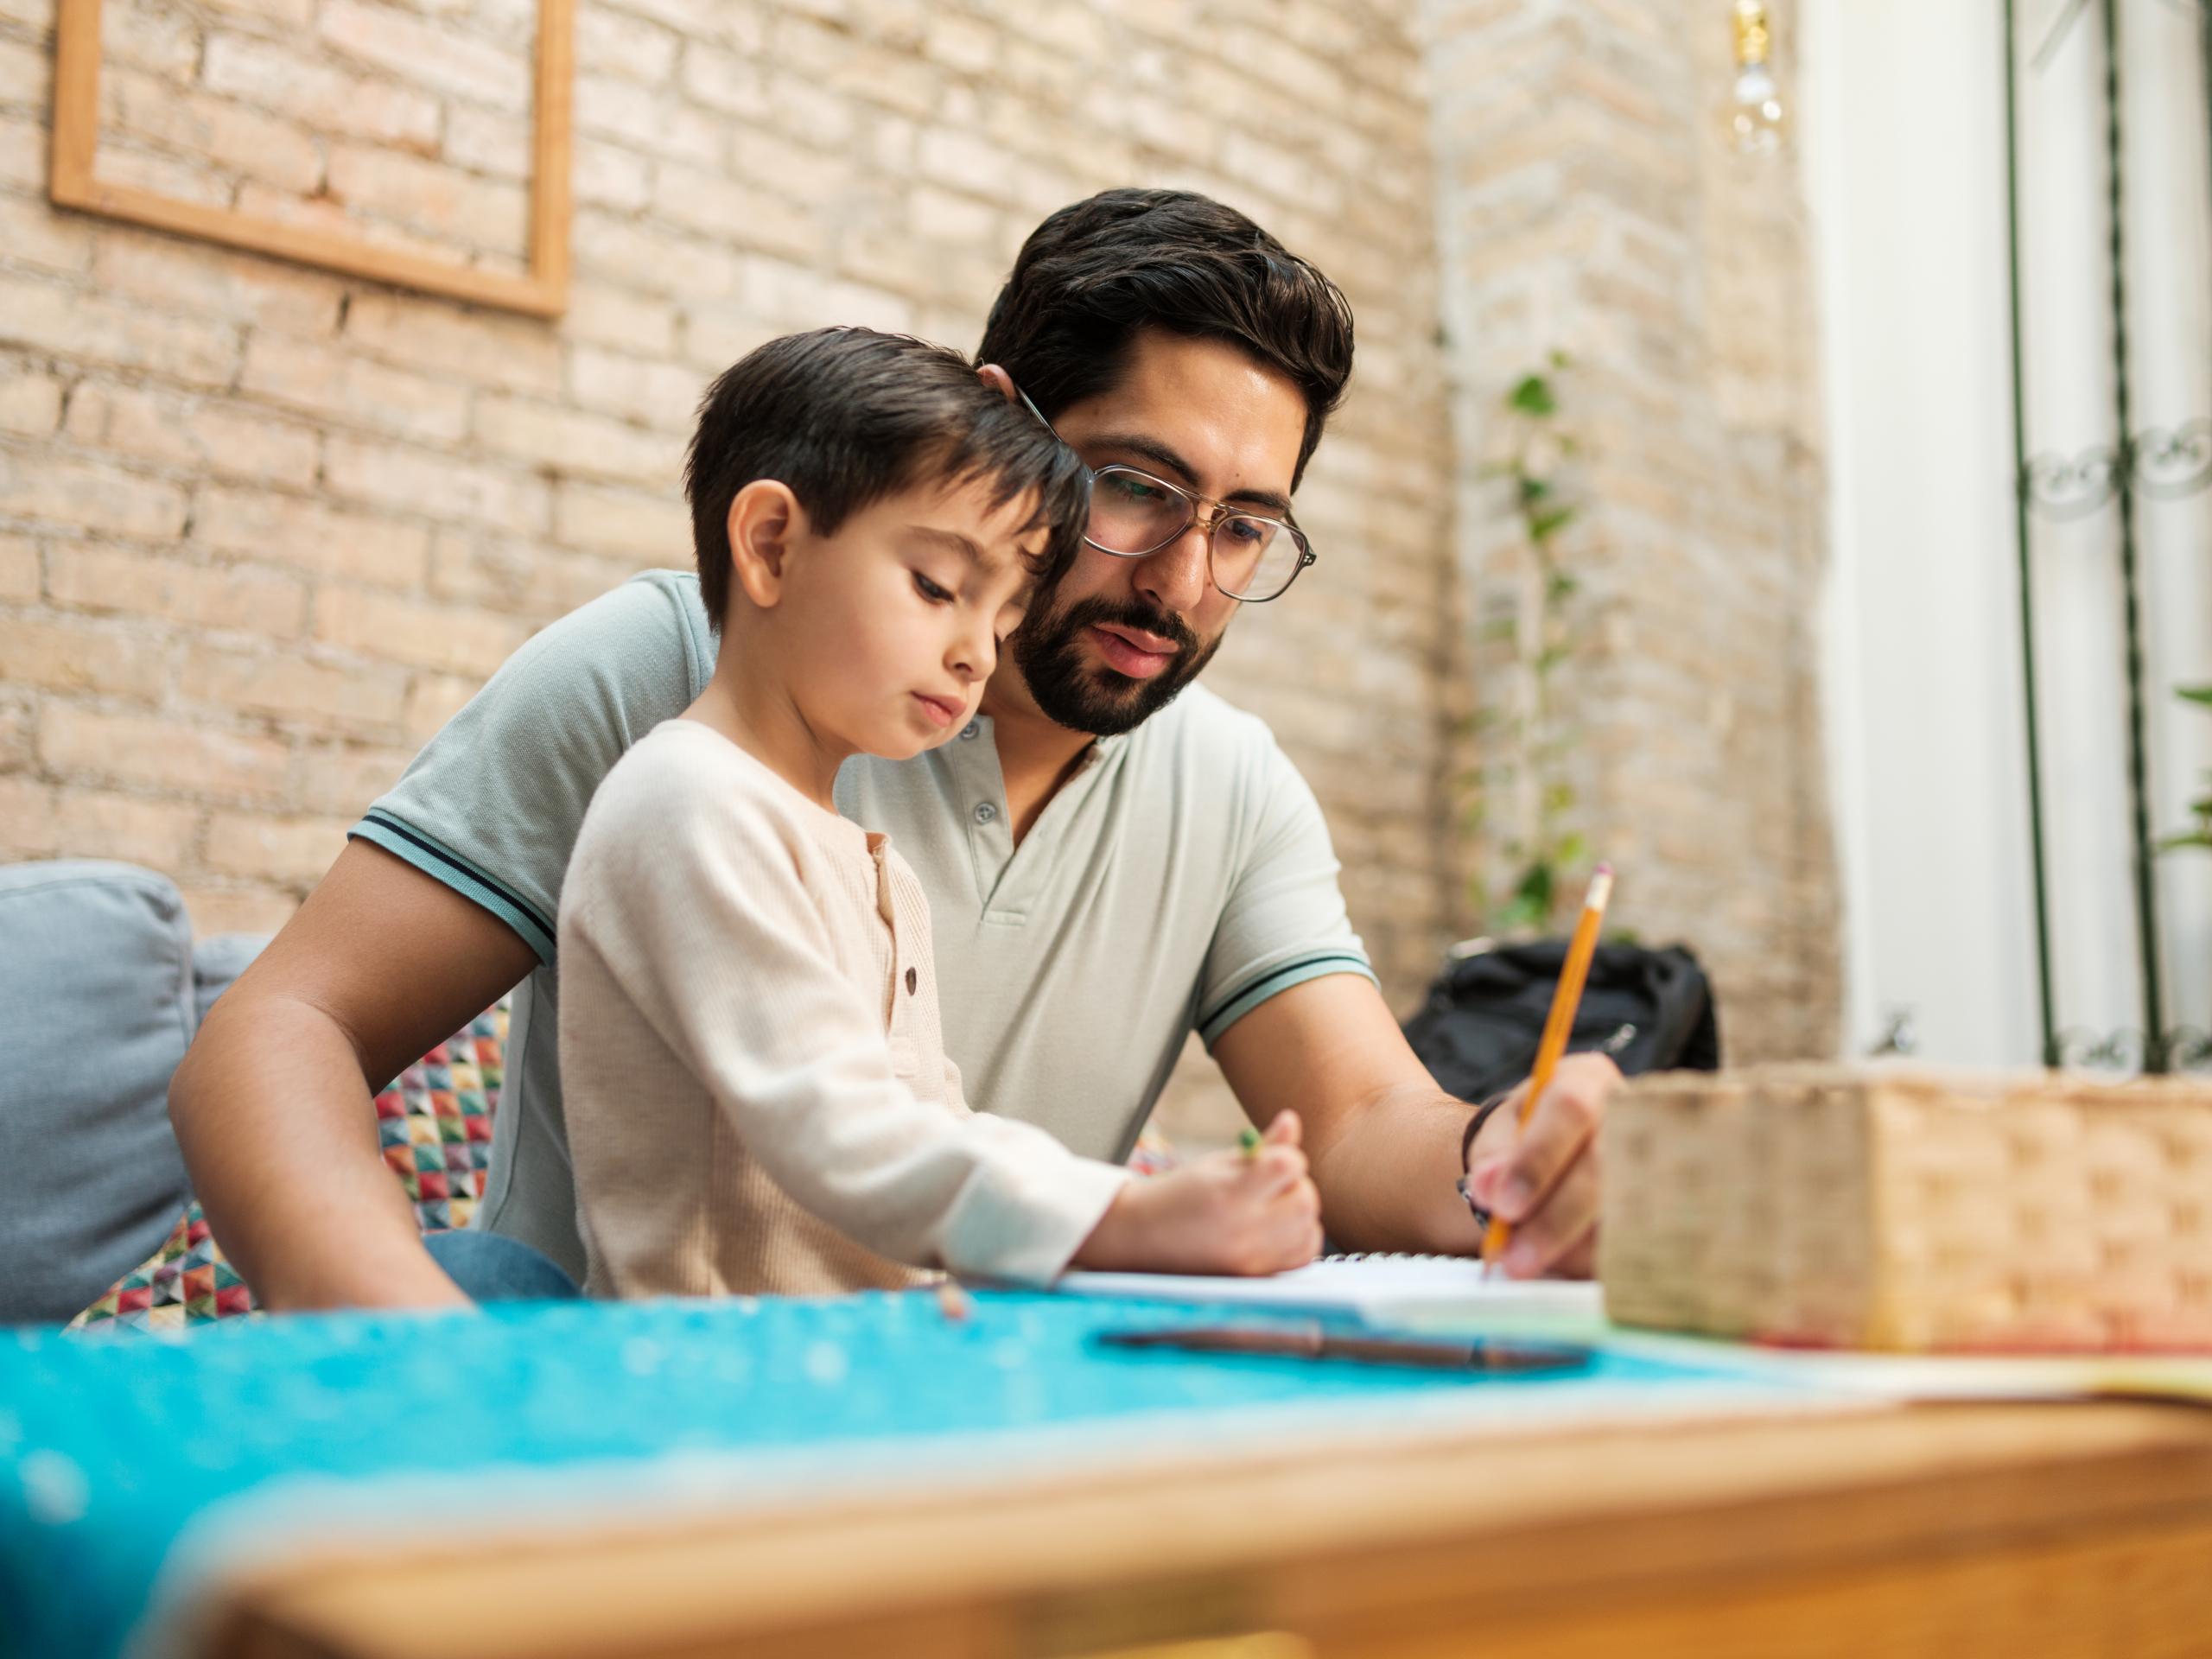 managing-stress-kids